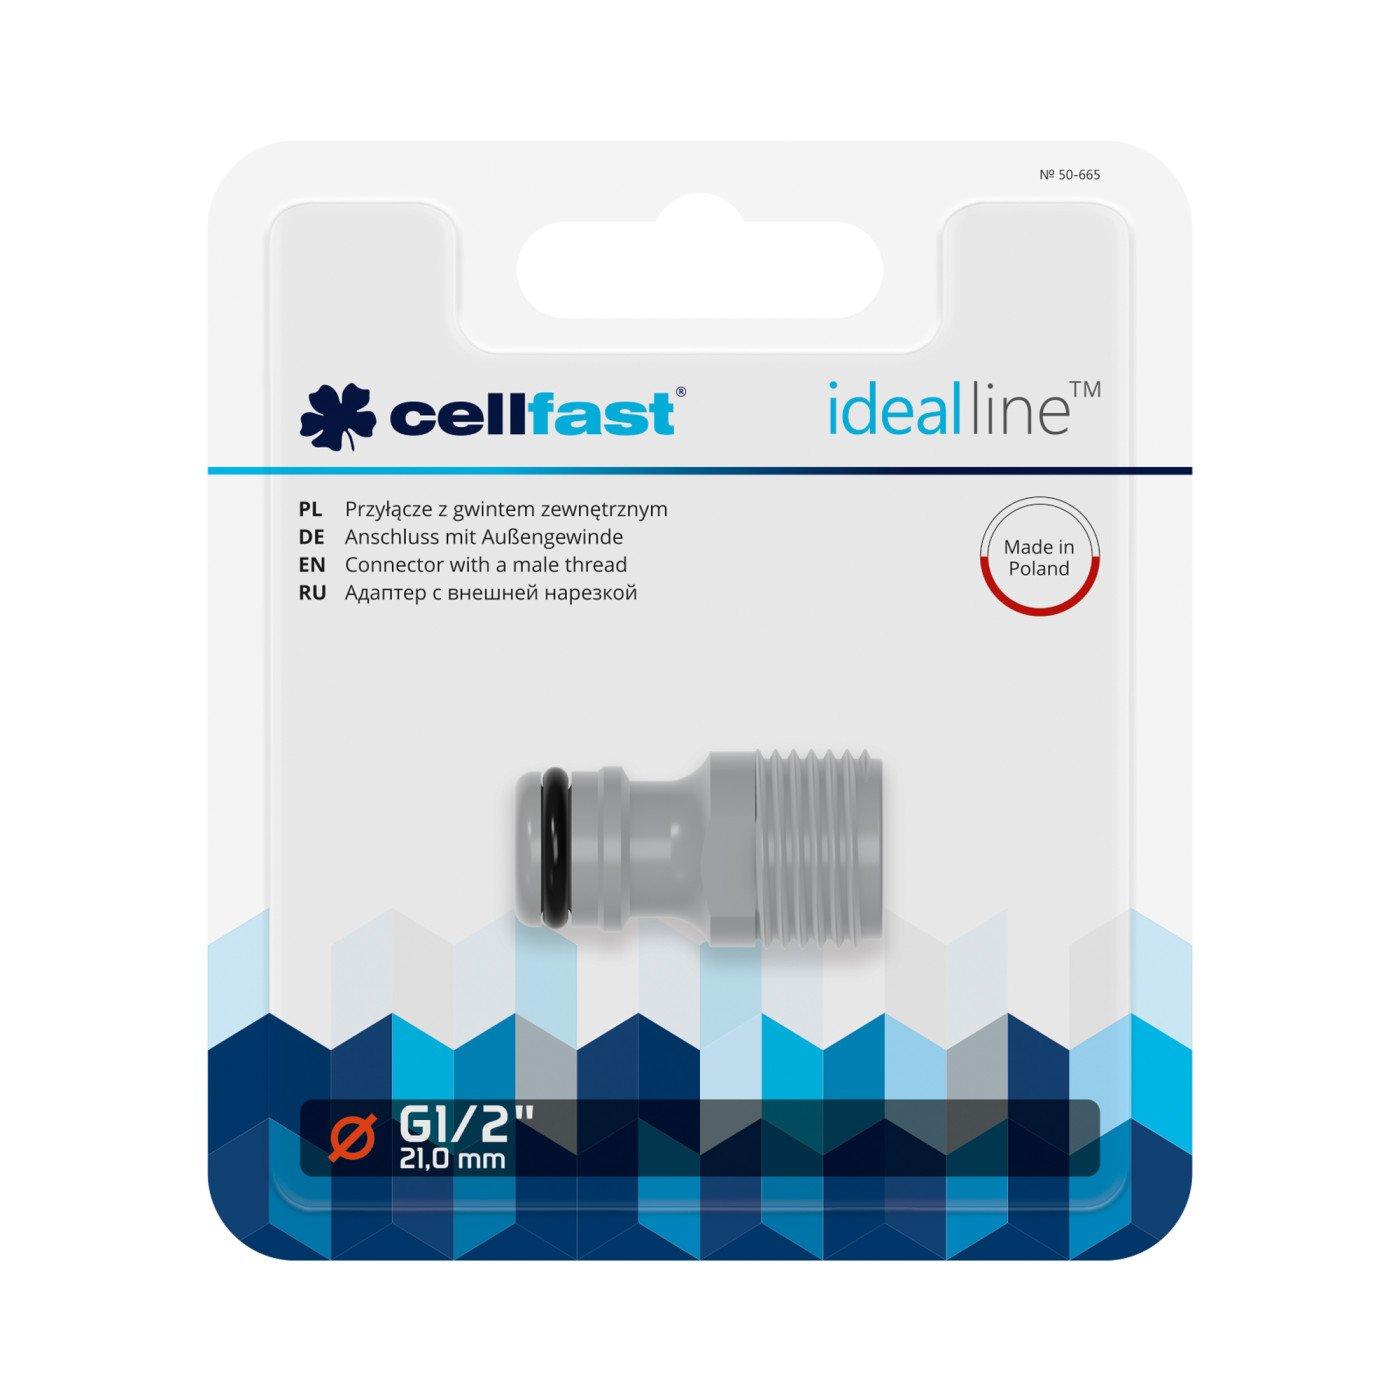 CELLFAST - KOPPELING MET BUITENDRAAD - IDEAL LINE™ PLUS - 1/2